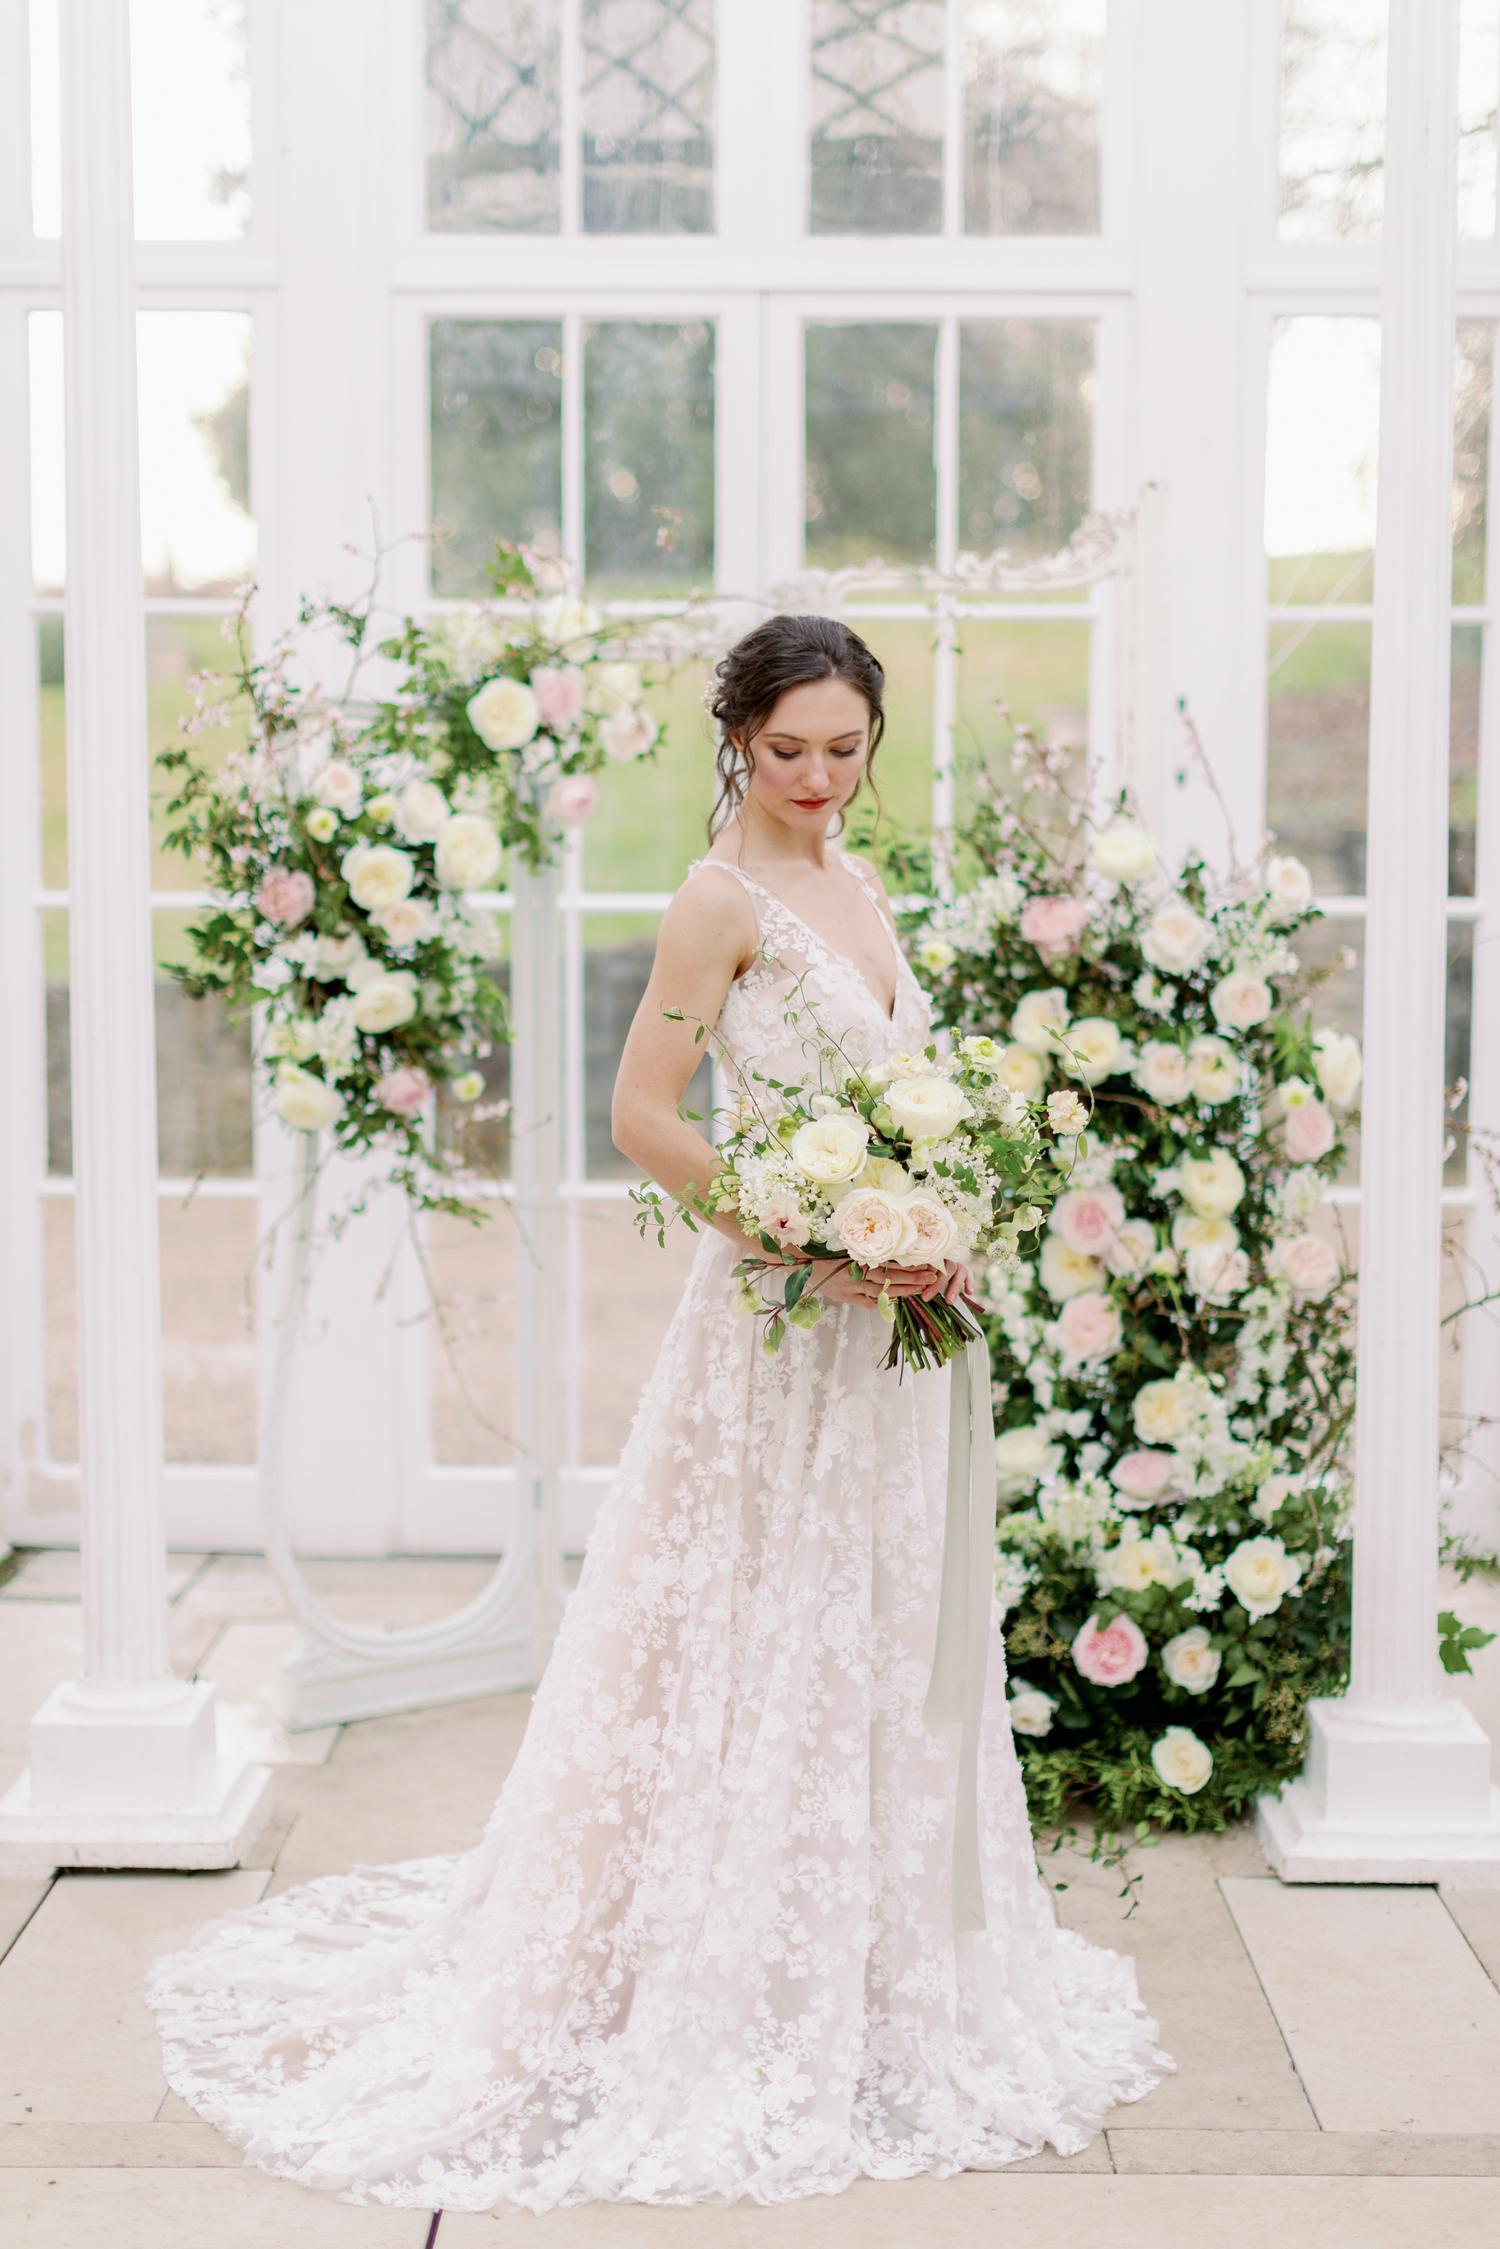 Ramo de rosas para bodas e instalación floral